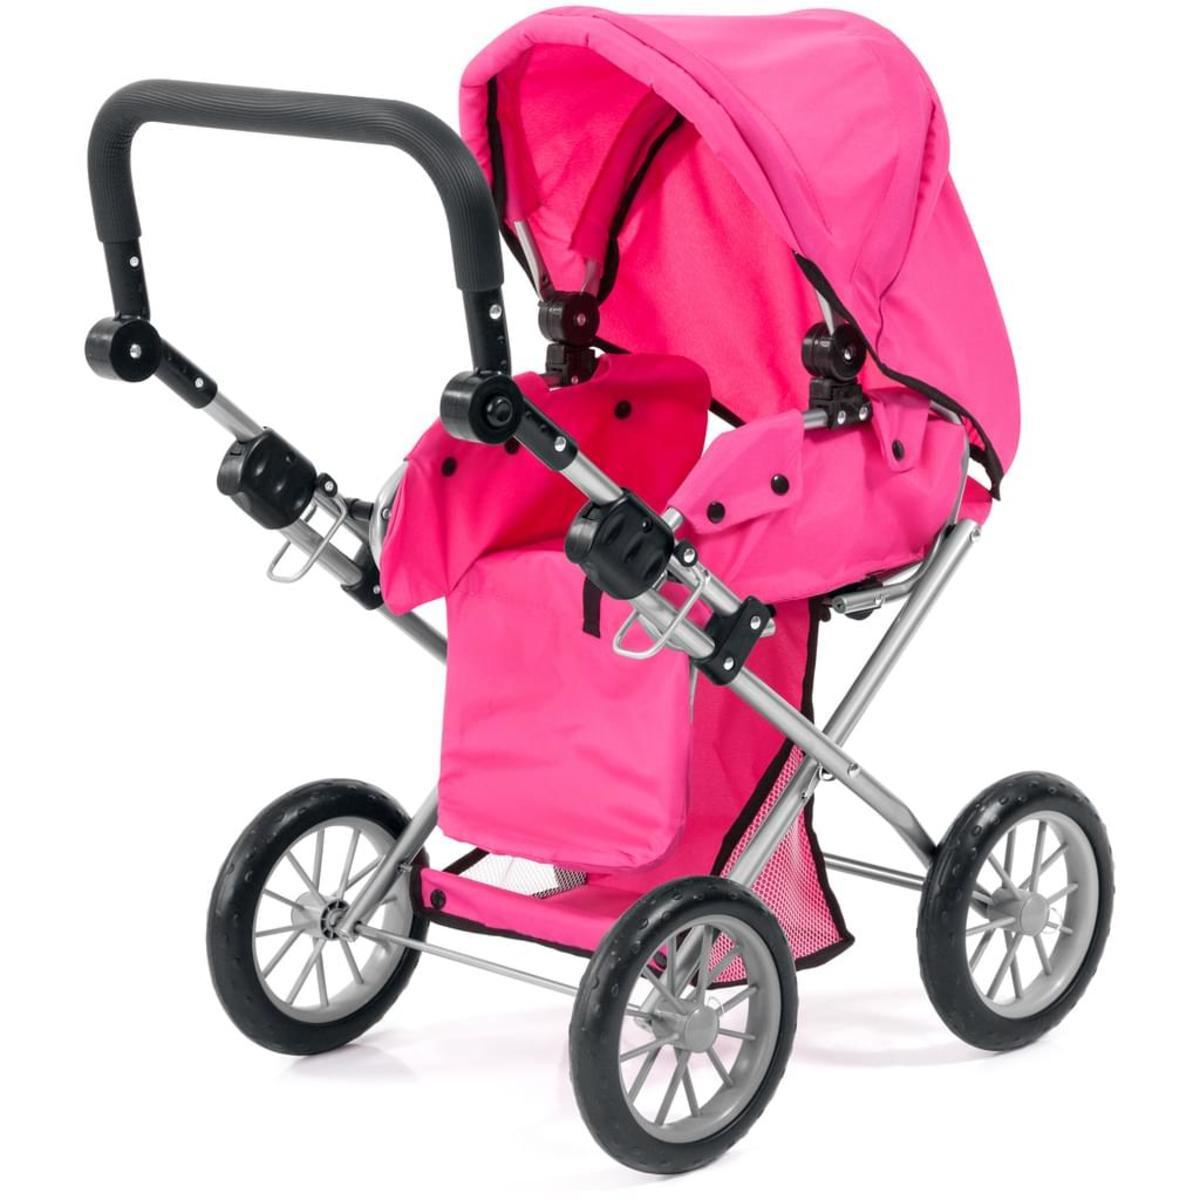 Bild 3 von Puppenwagen City Star pink